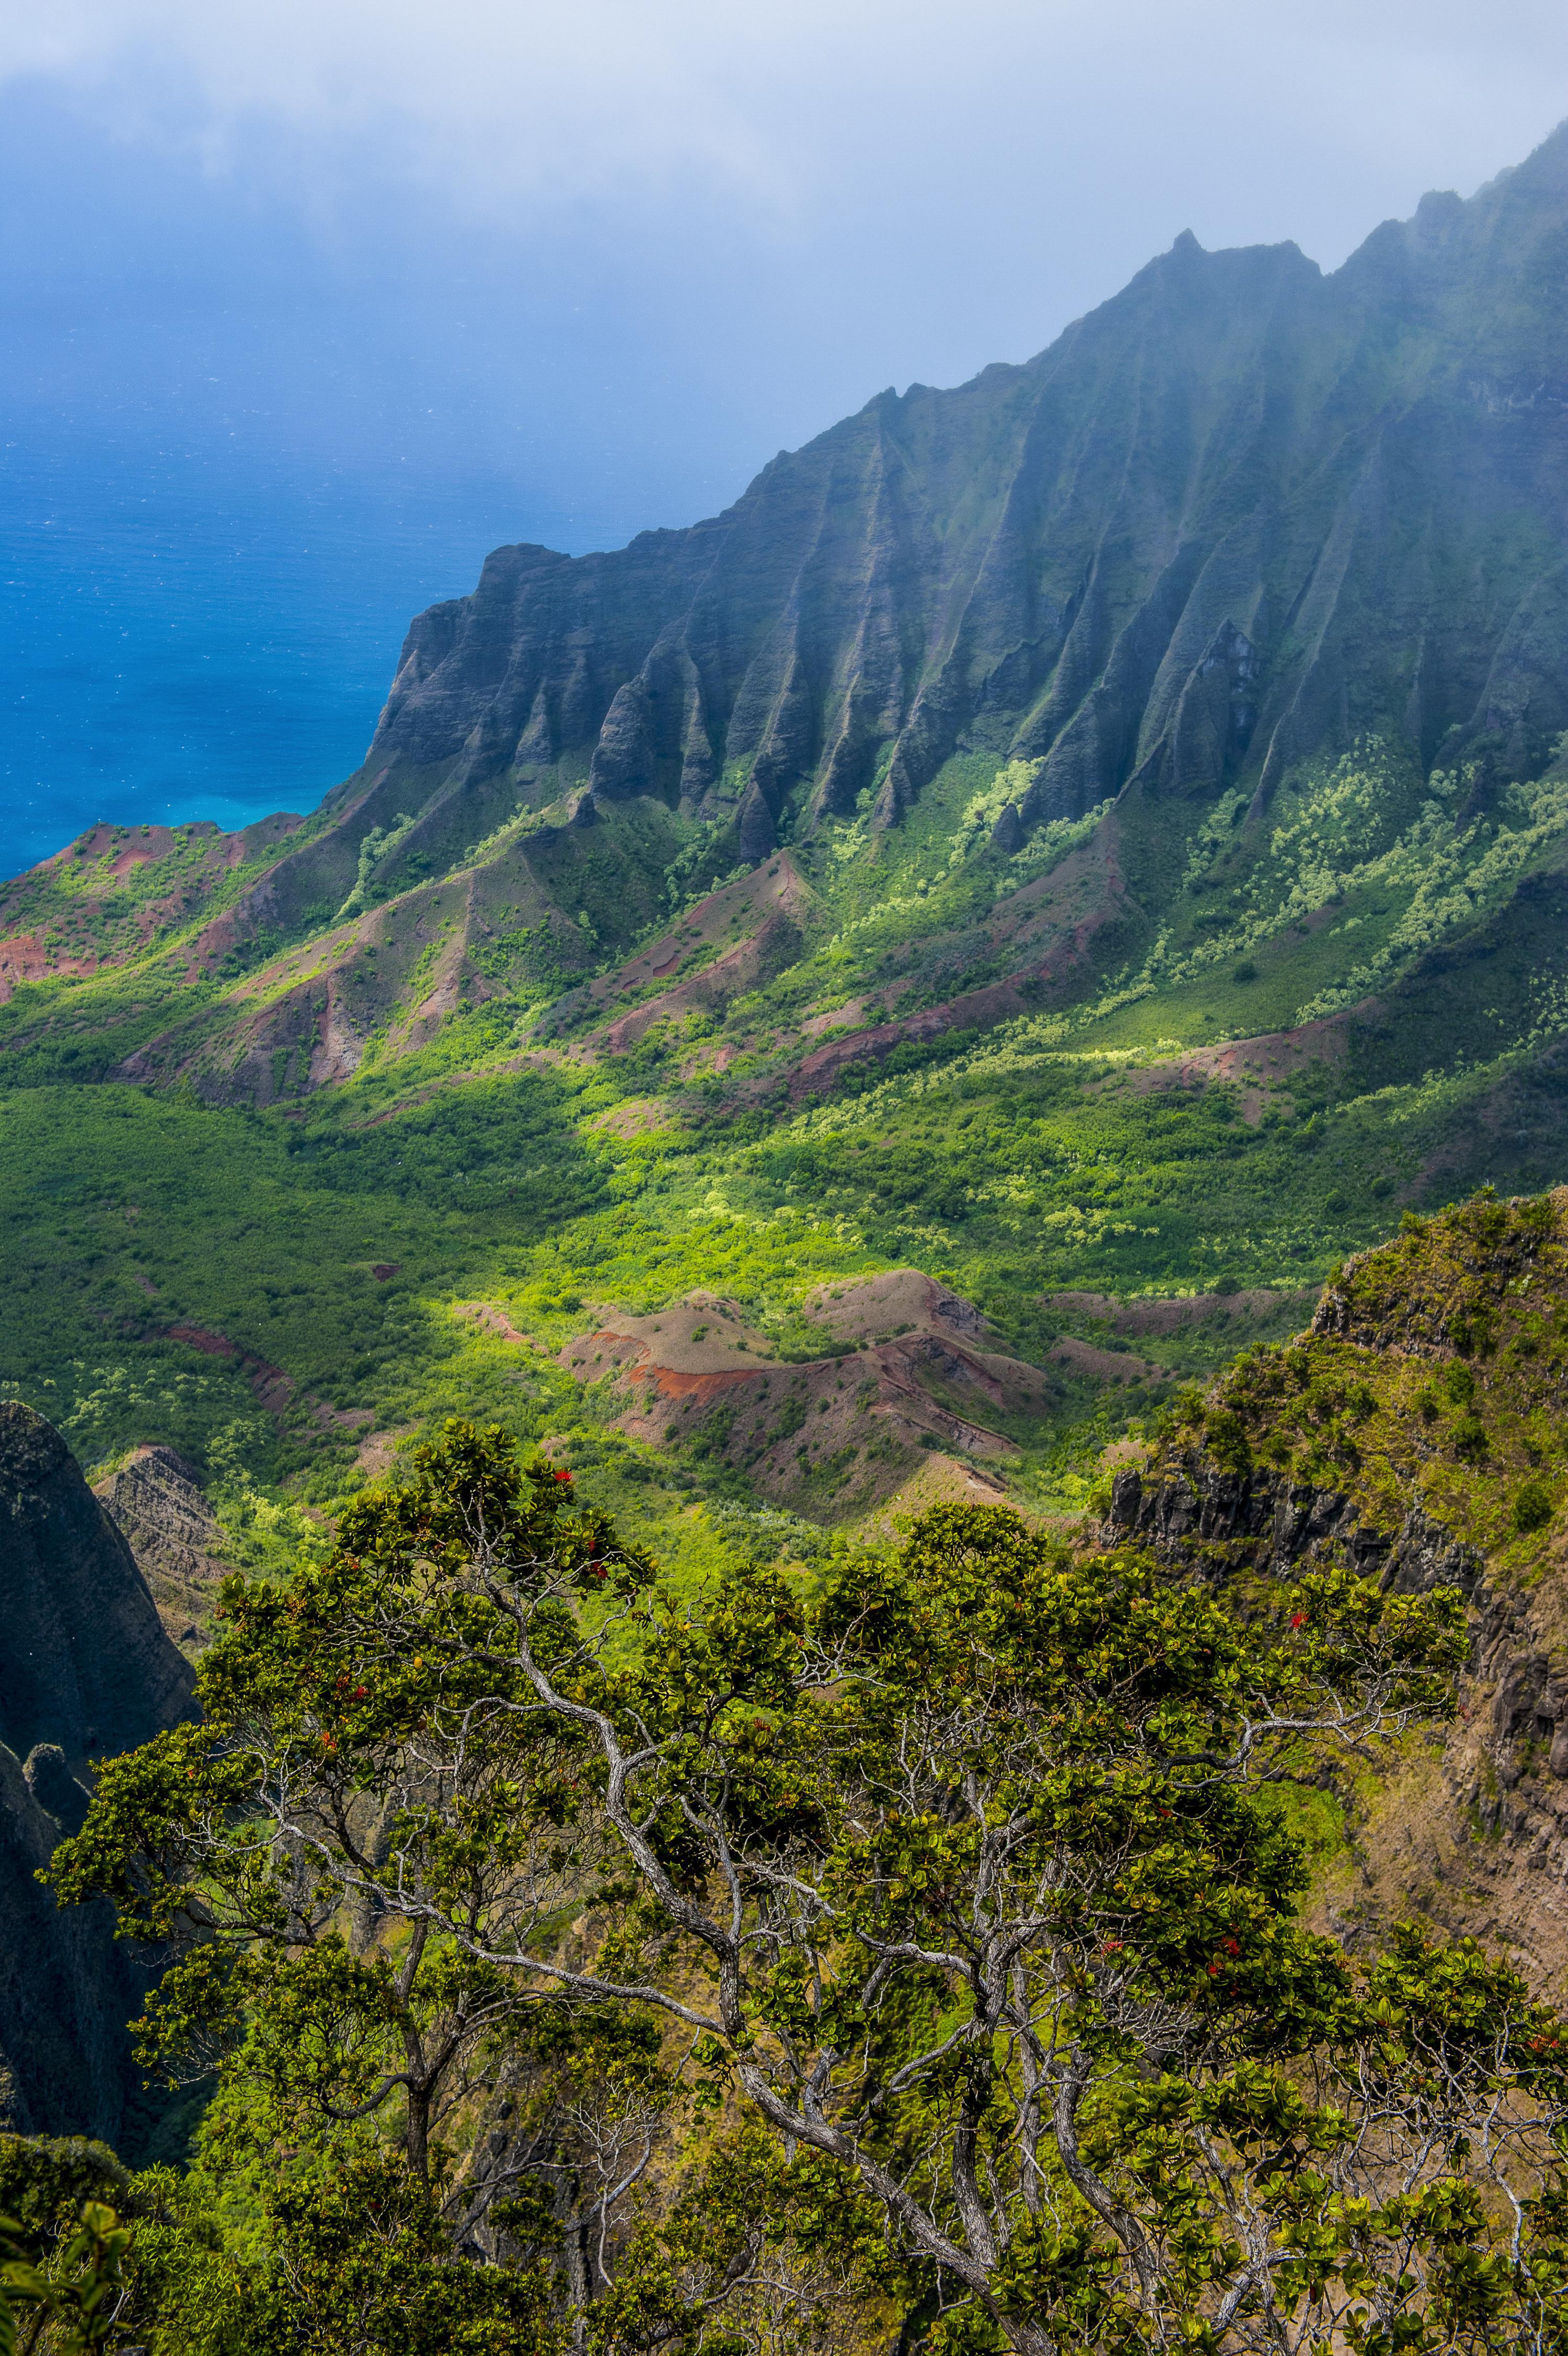 Koke'e' State Park in Hawaii